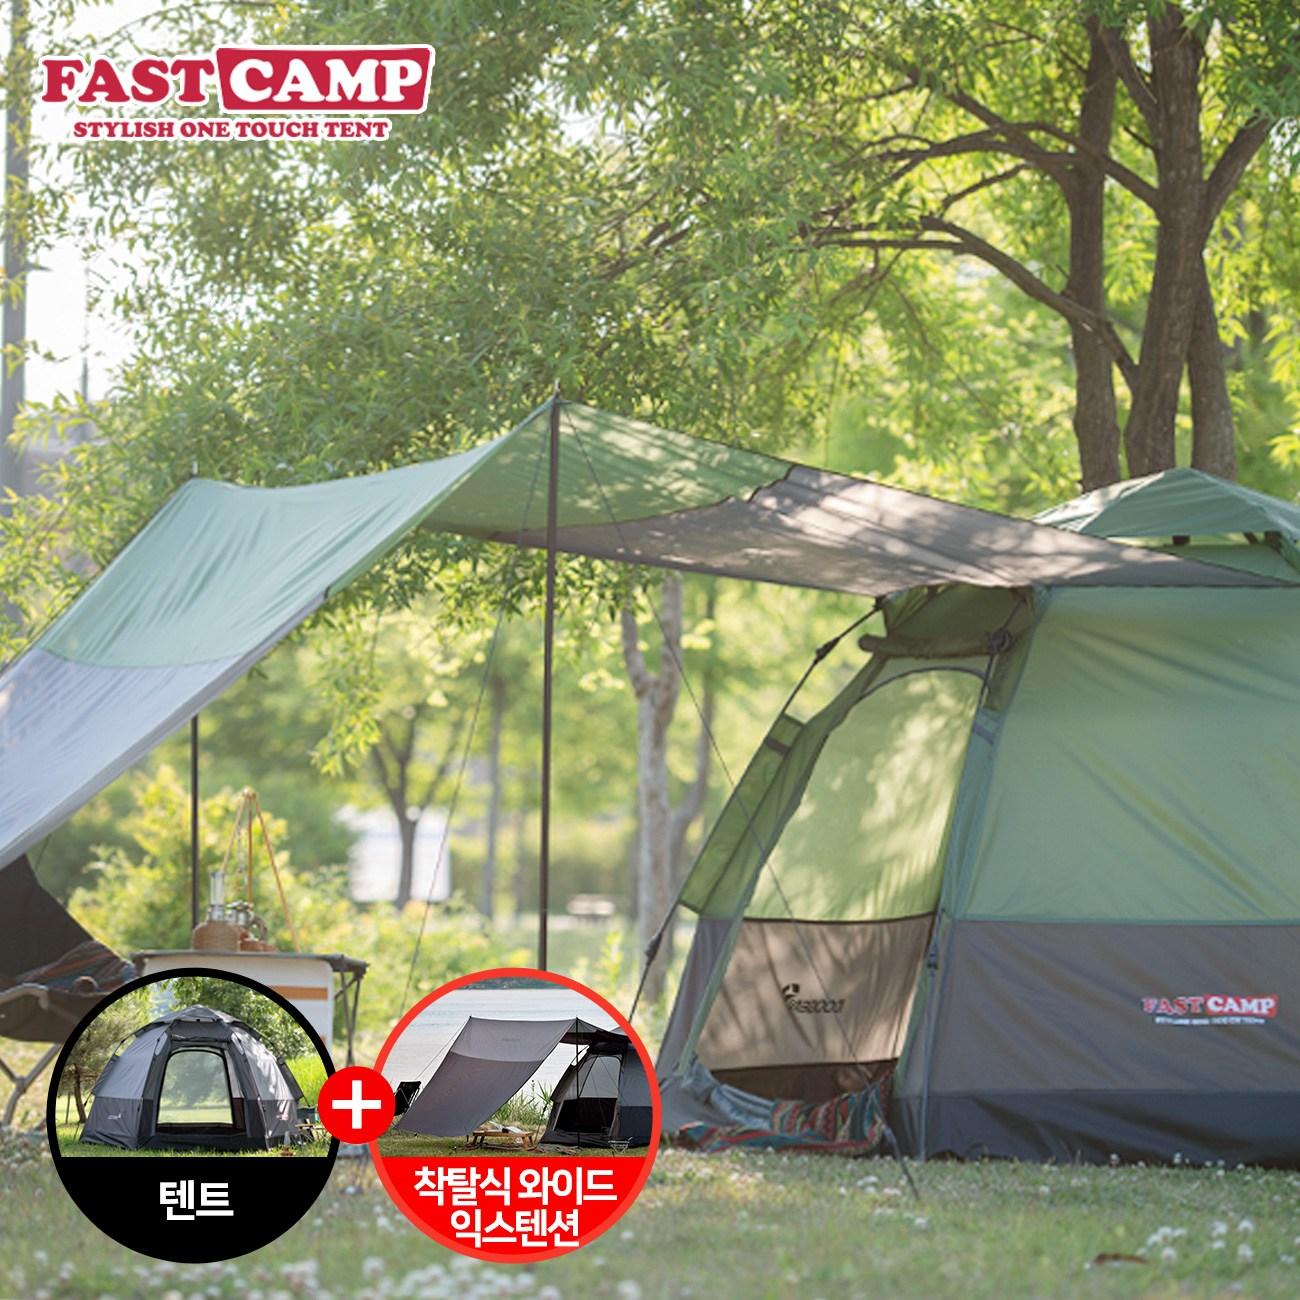 패스트캠프 원터치 육각텐트 오토6 와이드타프익스텐션, 올리브그린